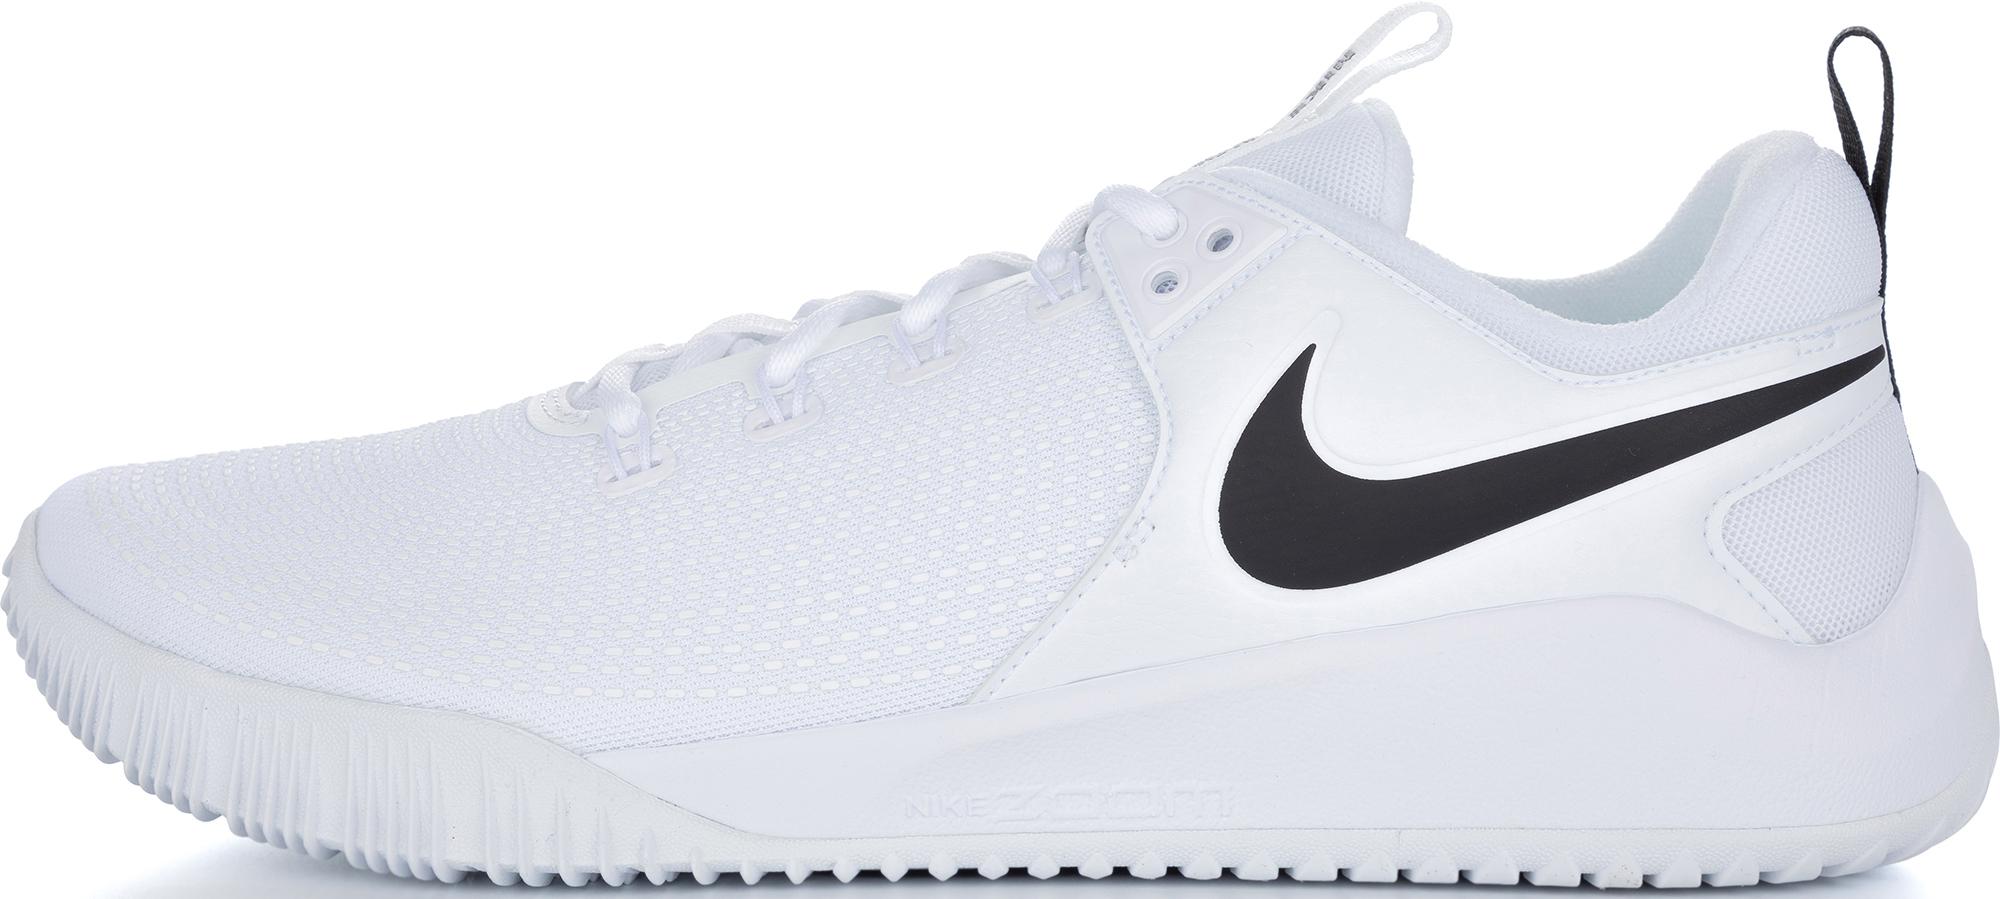 Фото - Nike Кроссовки мужские Nike Air Zoom Hyperace 2, размер 40 nike zoom high jump iii